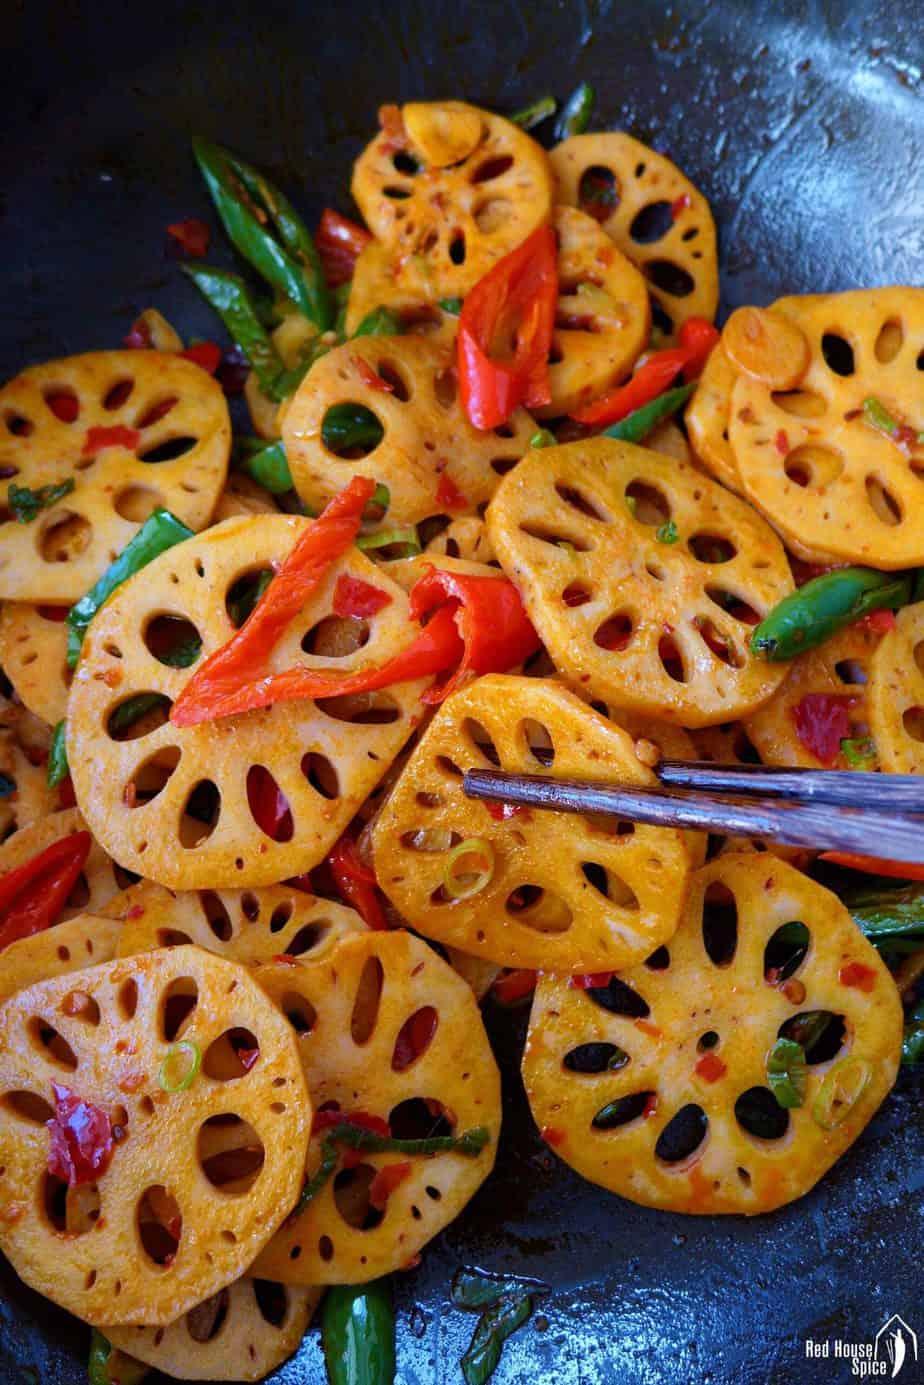 Spicy lotus root stir-fry